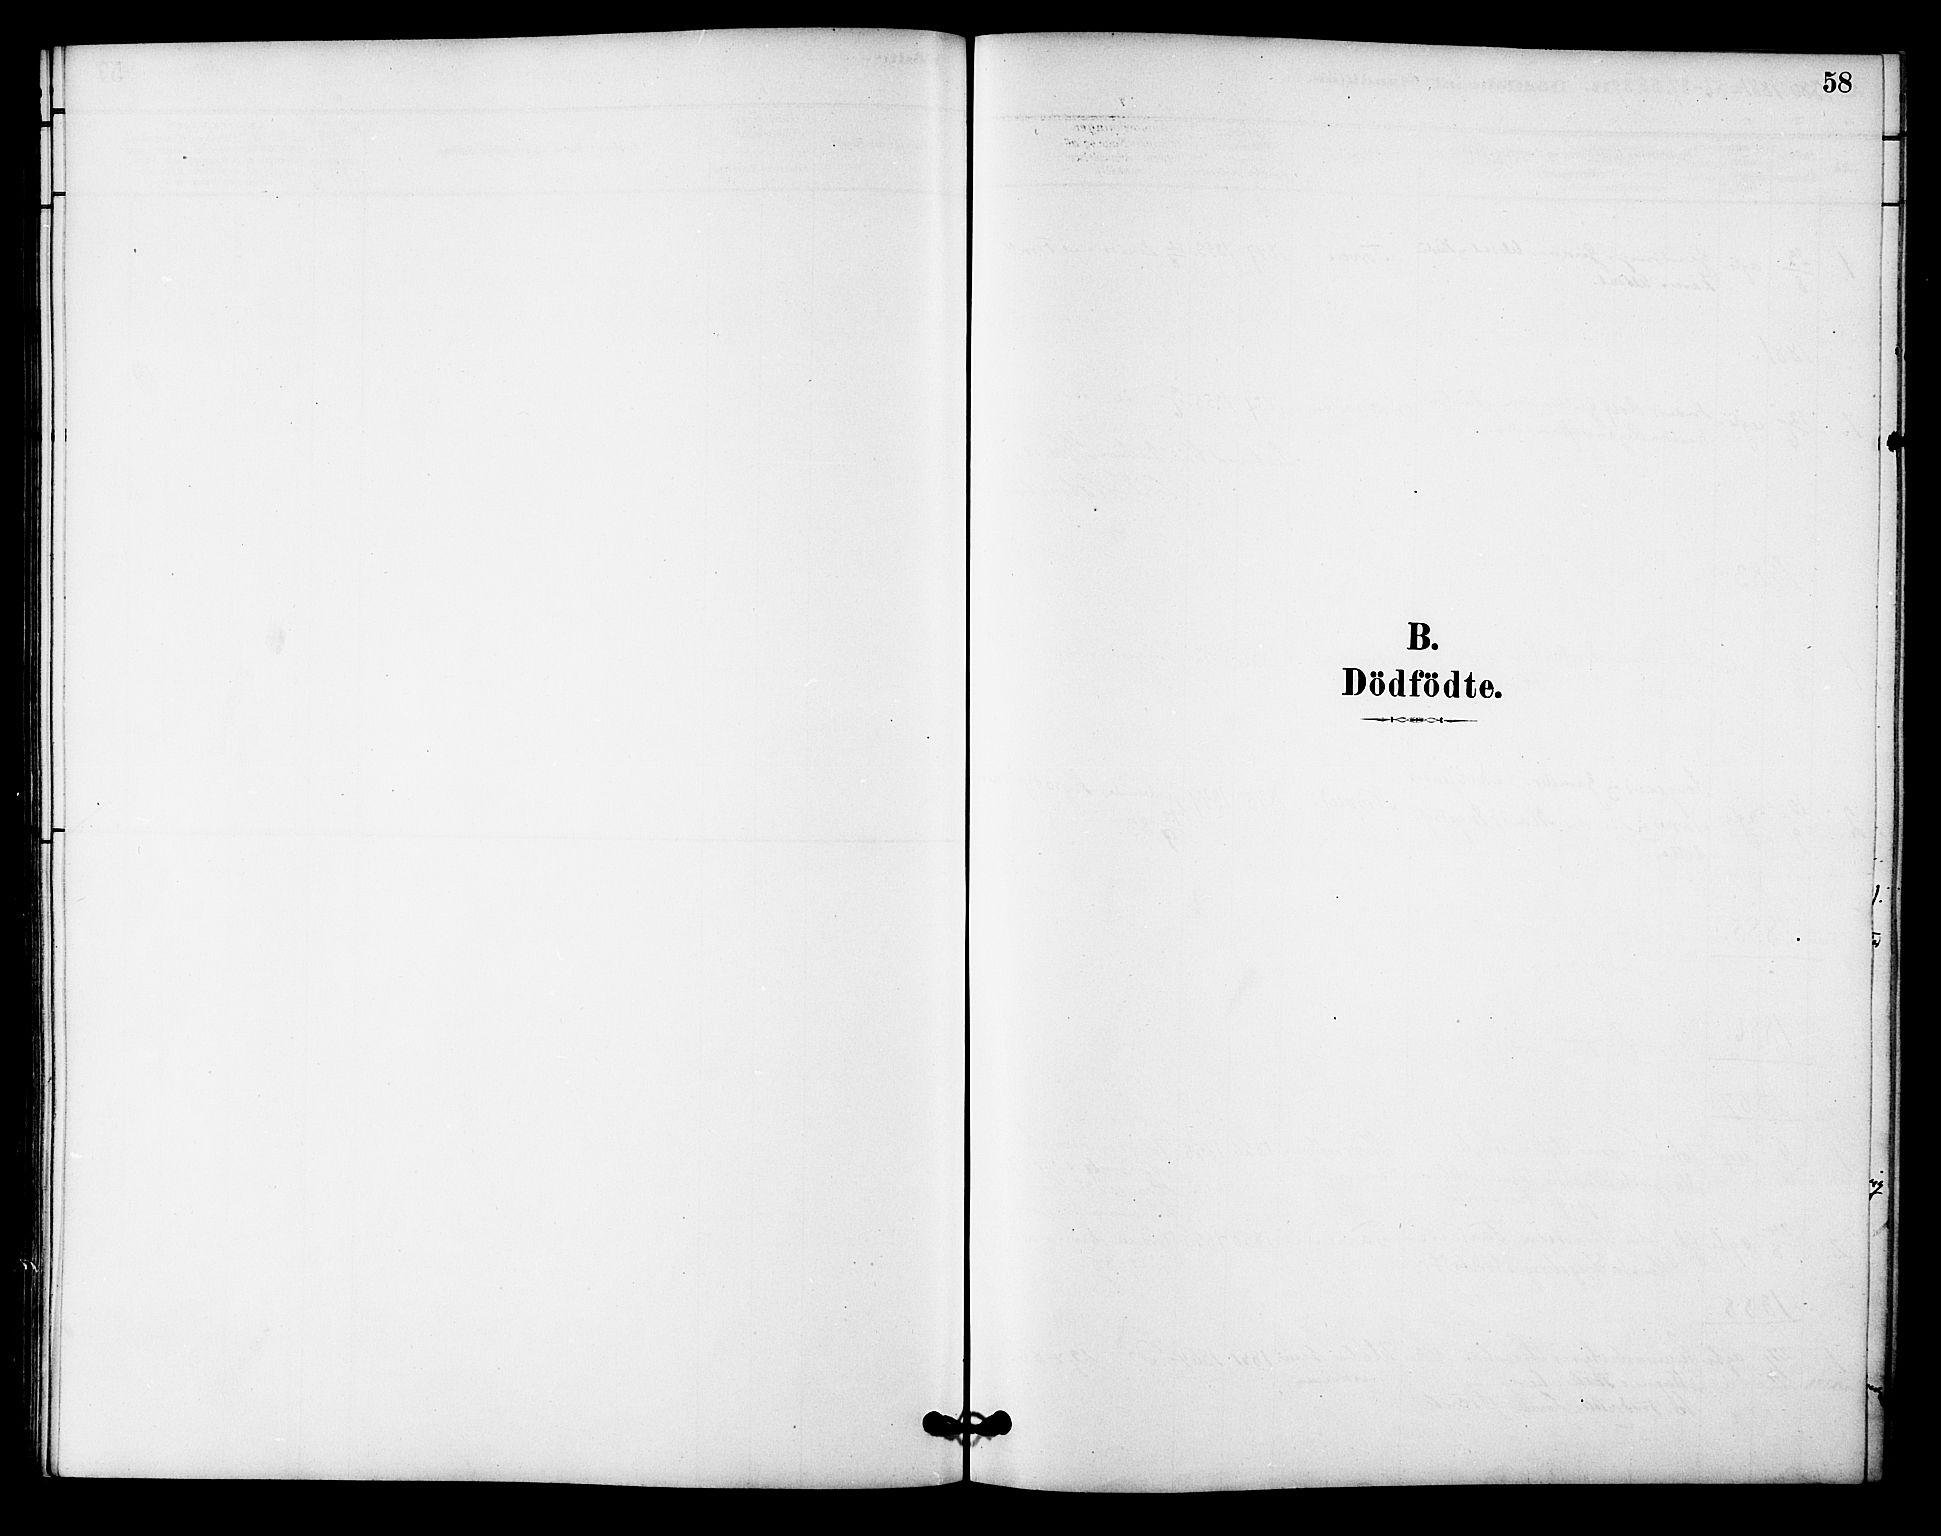 SAT, Ministerialprotokoller, klokkerbøker og fødselsregistre - Sør-Trøndelag, 618/L0444: Ministerialbok nr. 618A07, 1880-1898, s. 58